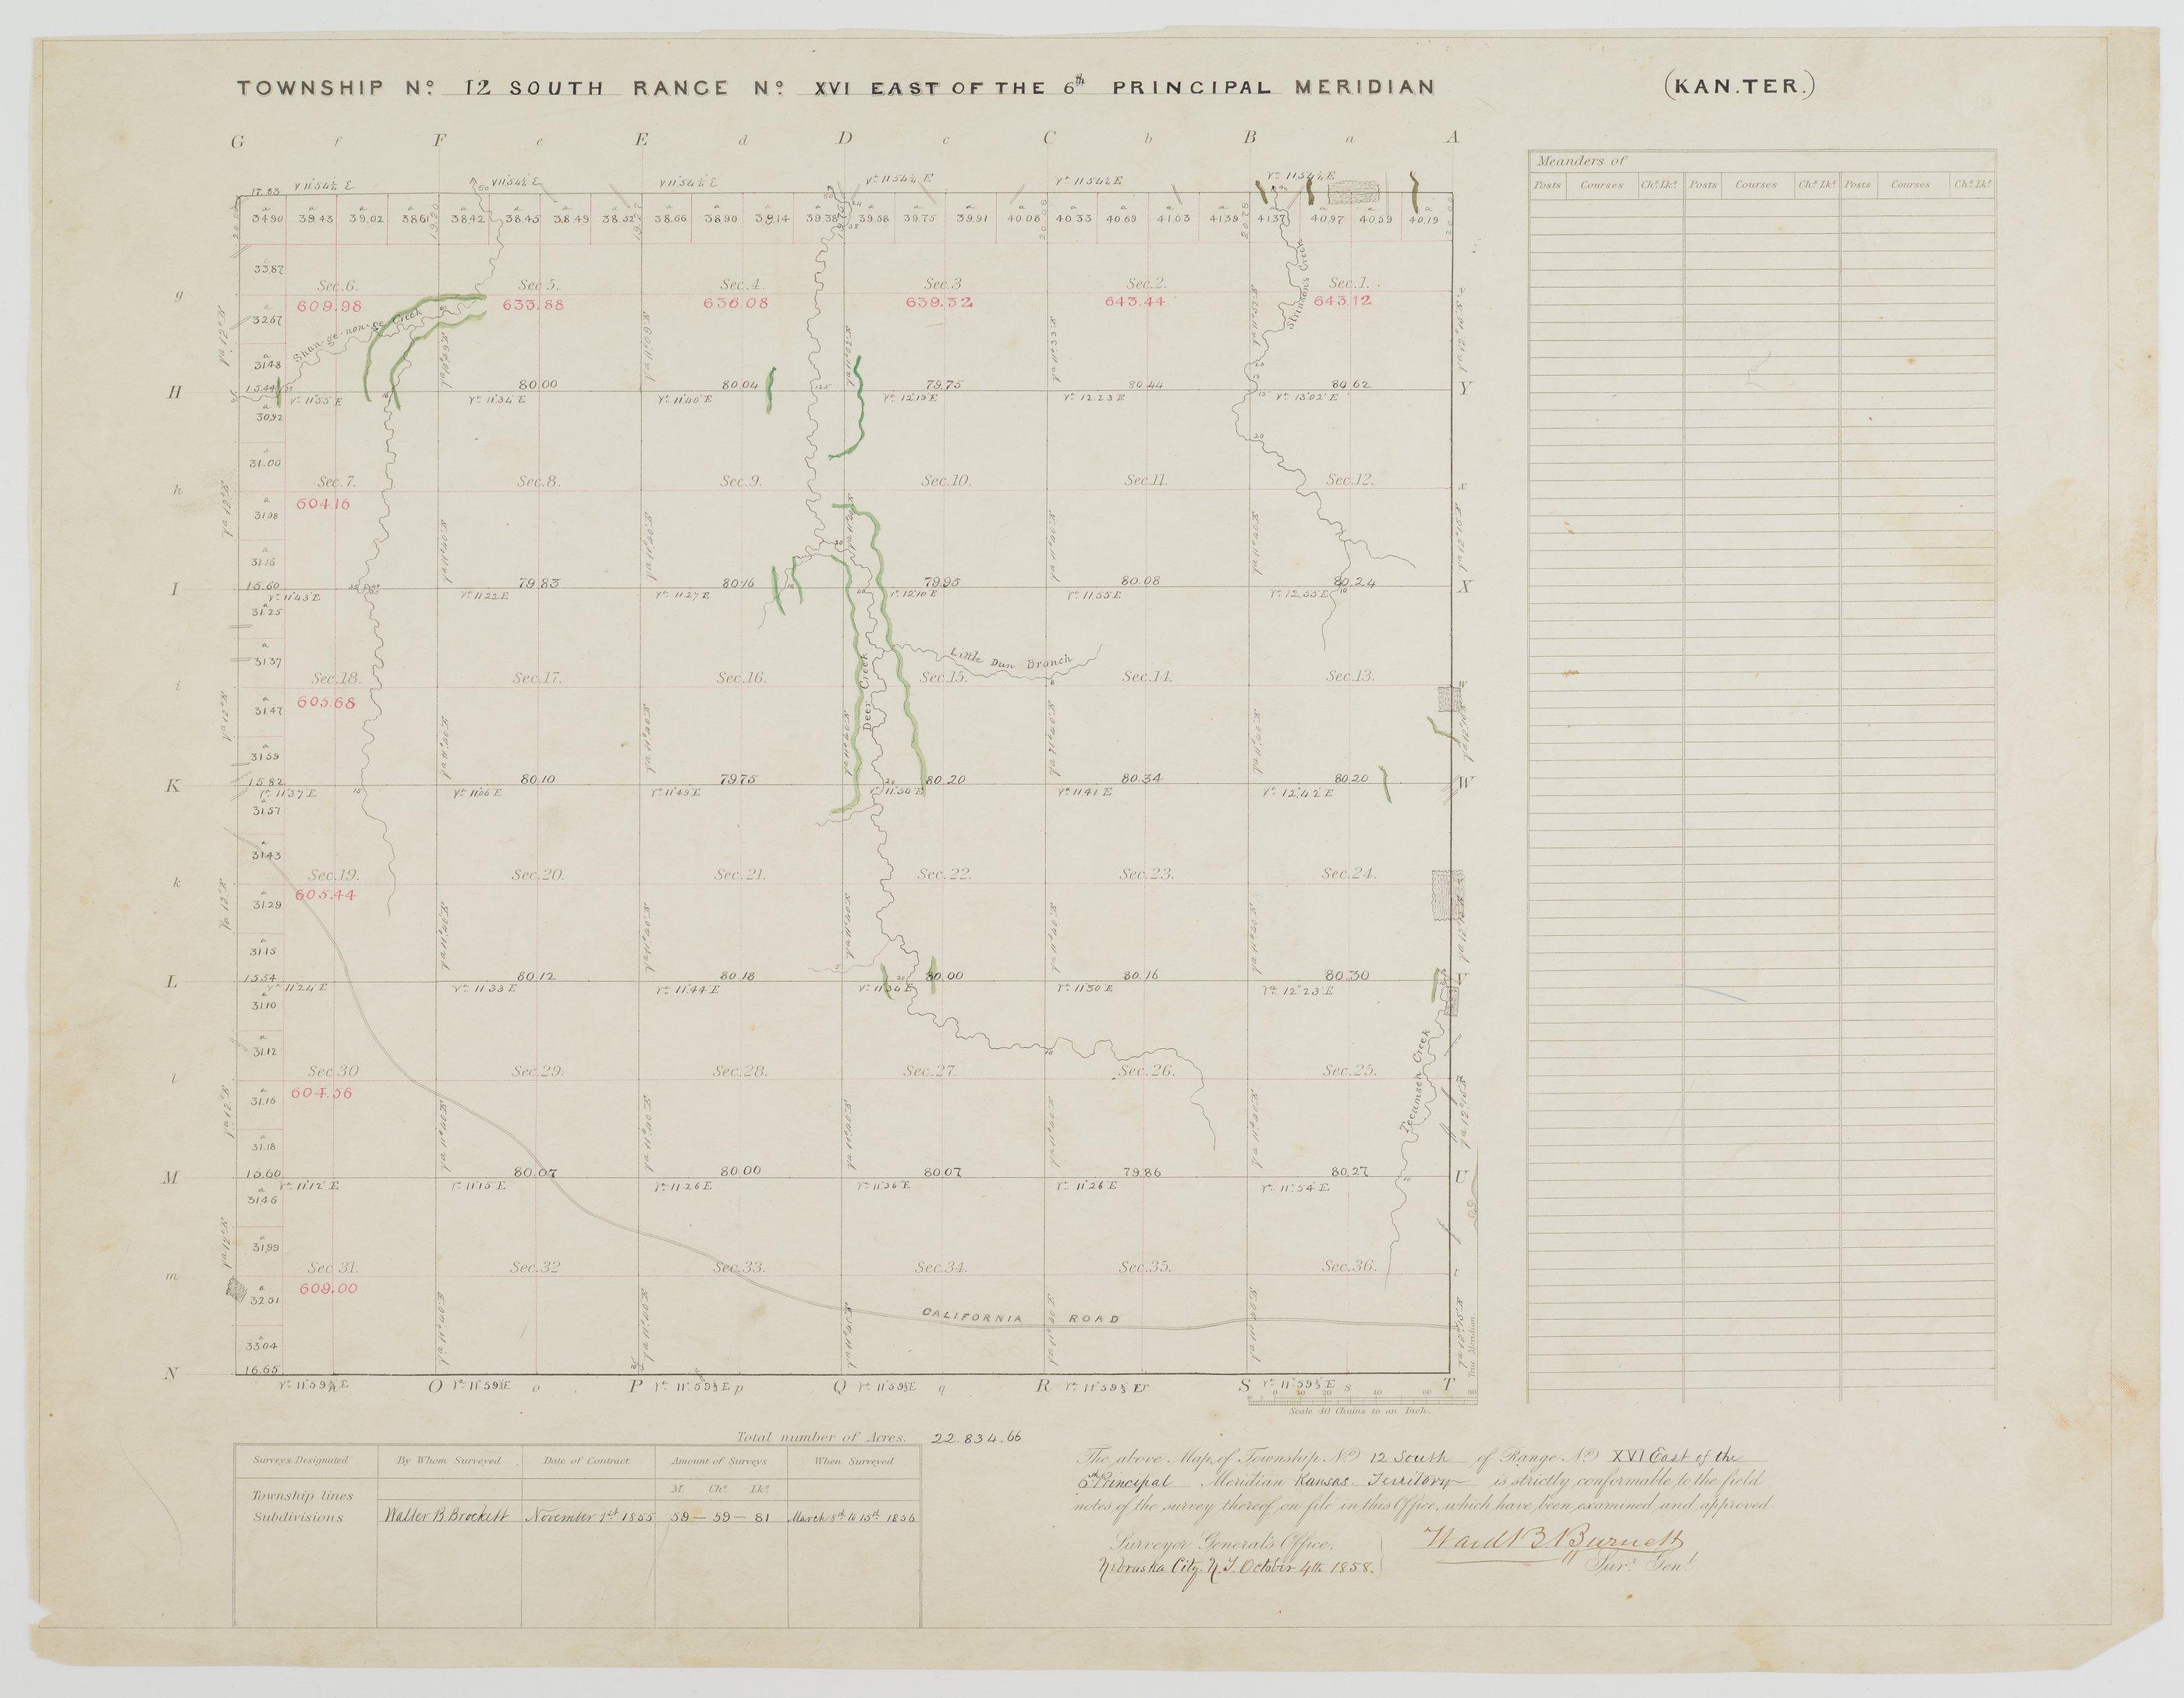 Kansas land survey plats - Township 12 South, Range 16 East